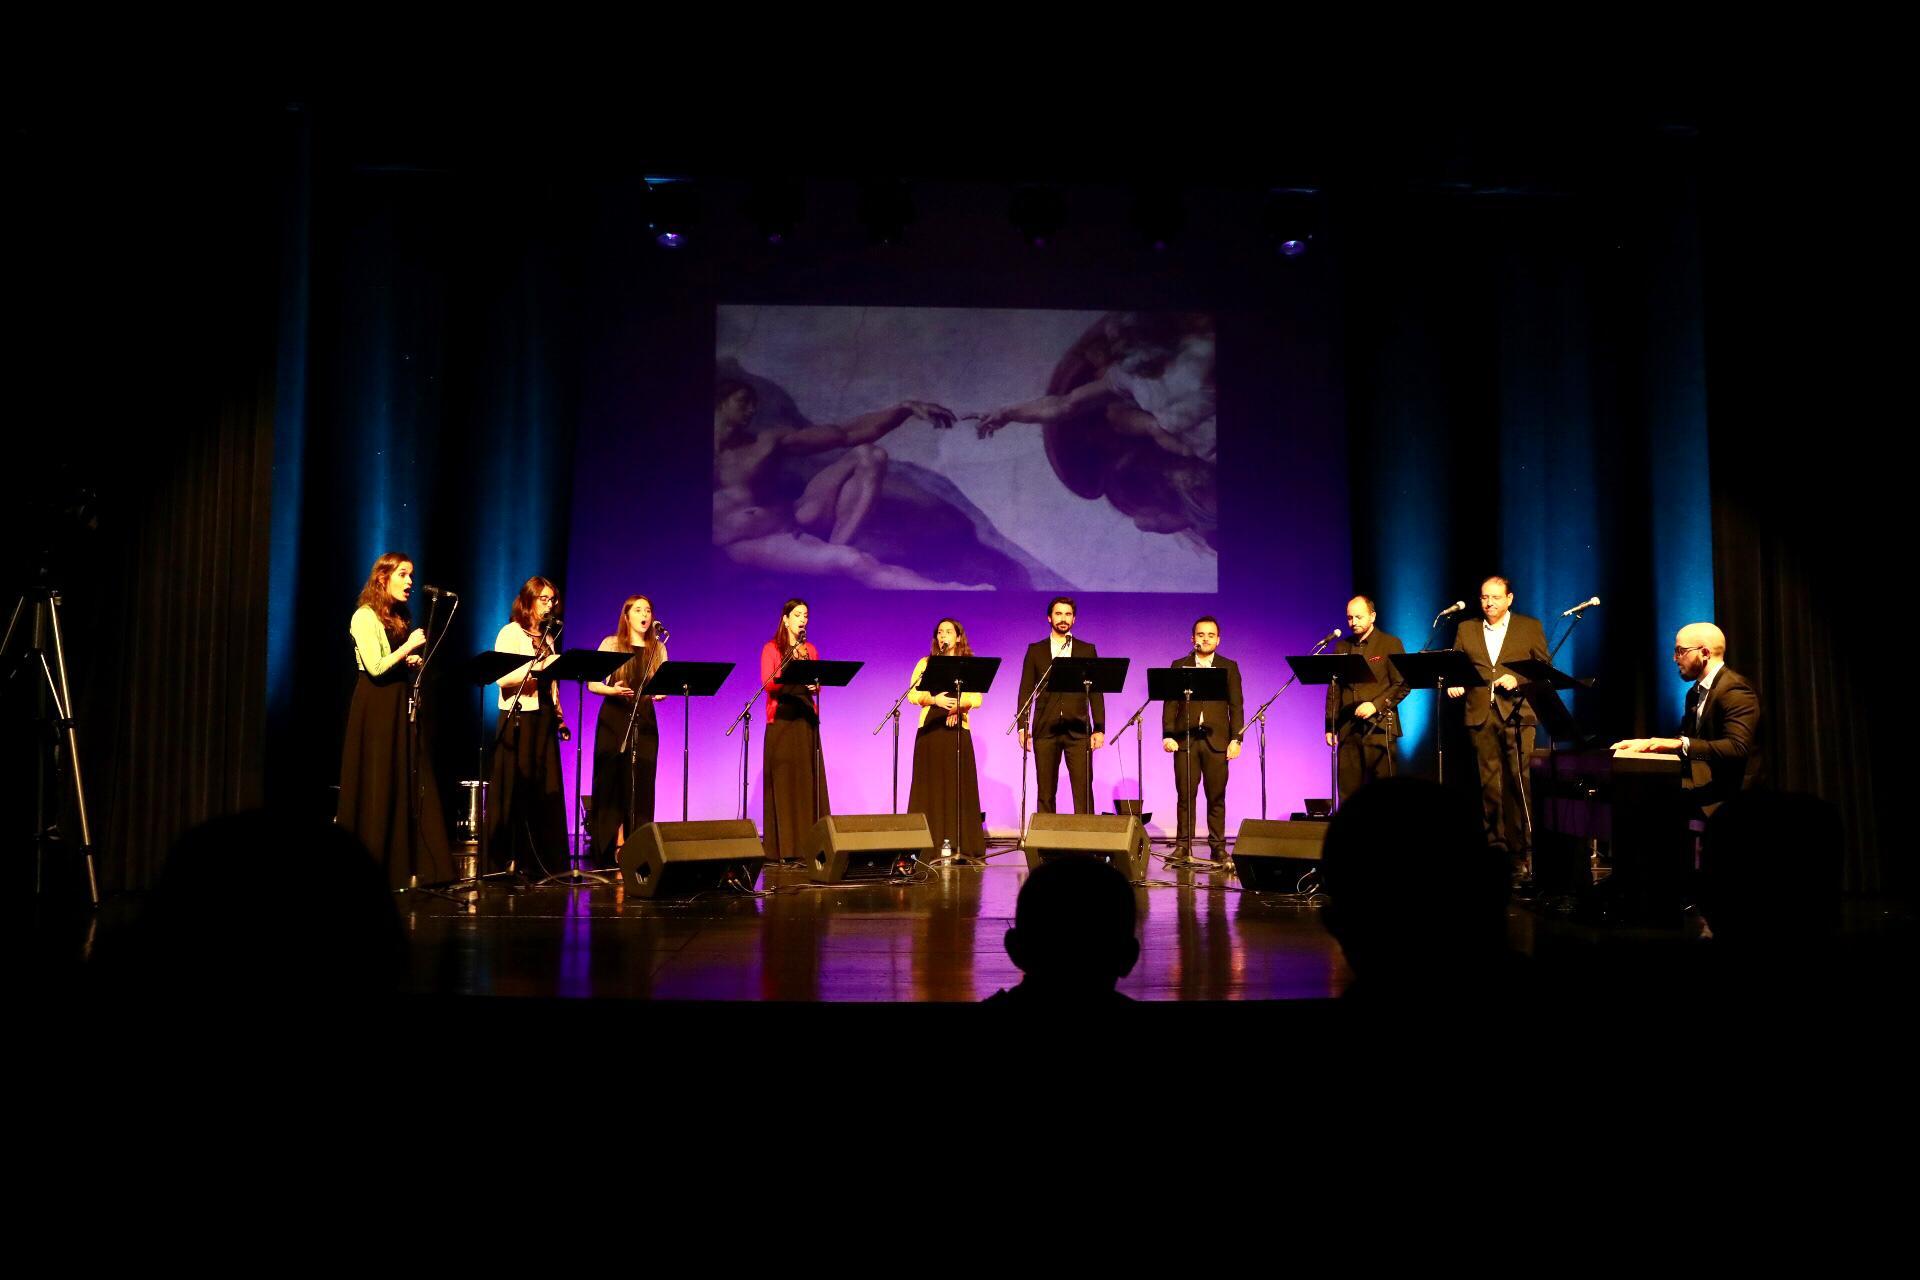 Braga. Coro de Câmara de Barcelos leva Cantigas de Santa Maria ao Salão Medieval da UMinho (4 JUN)